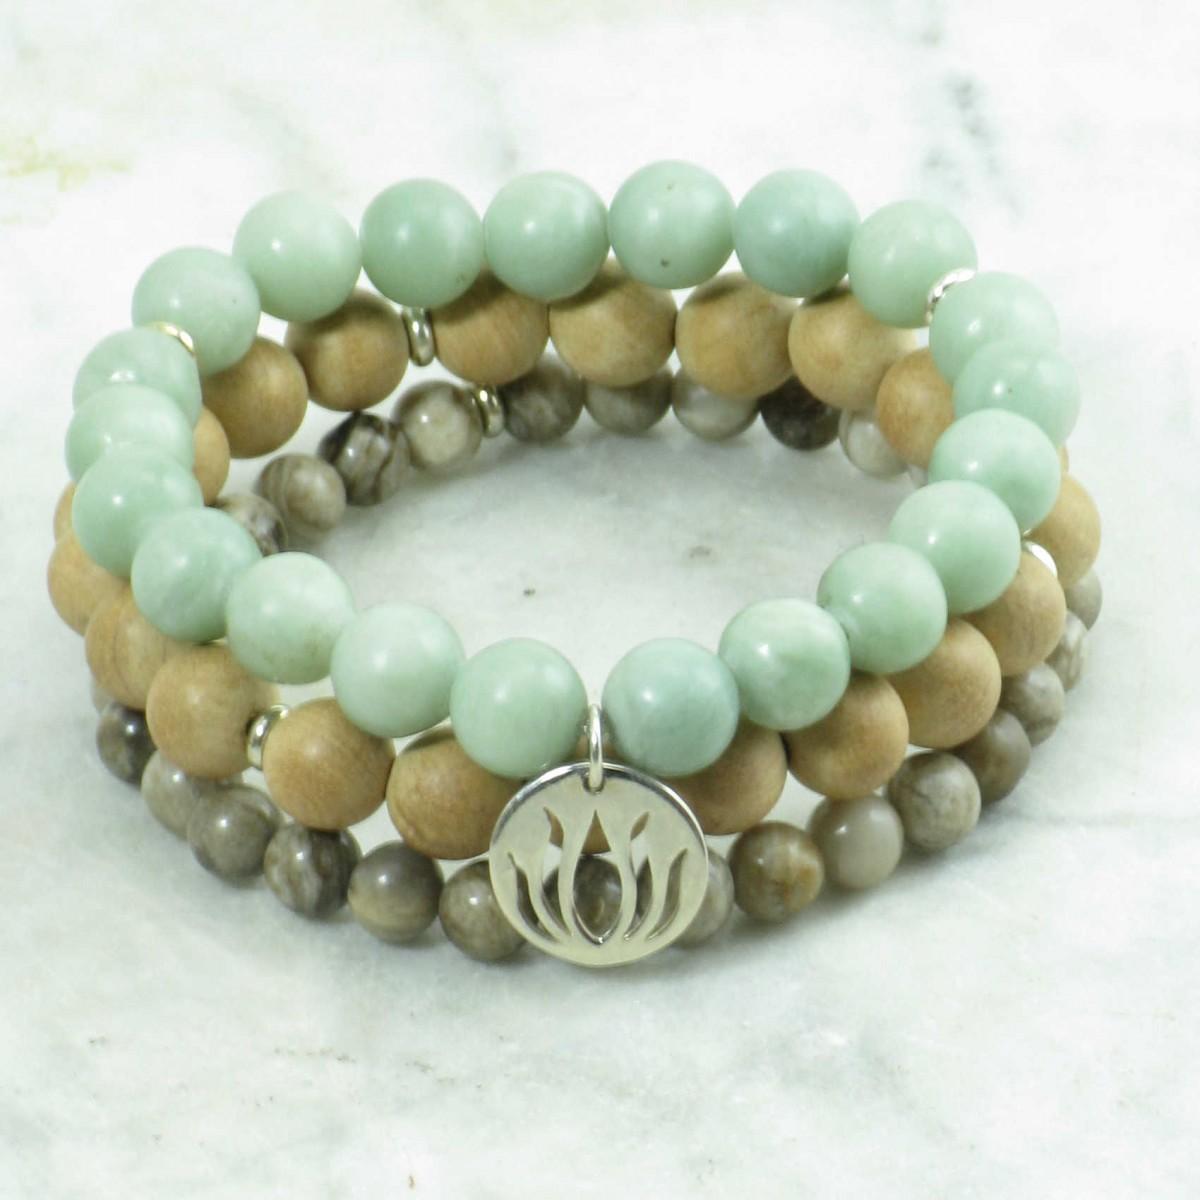 Joy_Mala_Beads_Stack_21_Jade_Jasper_Thuja_Mala_Beads_Buddhist_Prayer_Beads